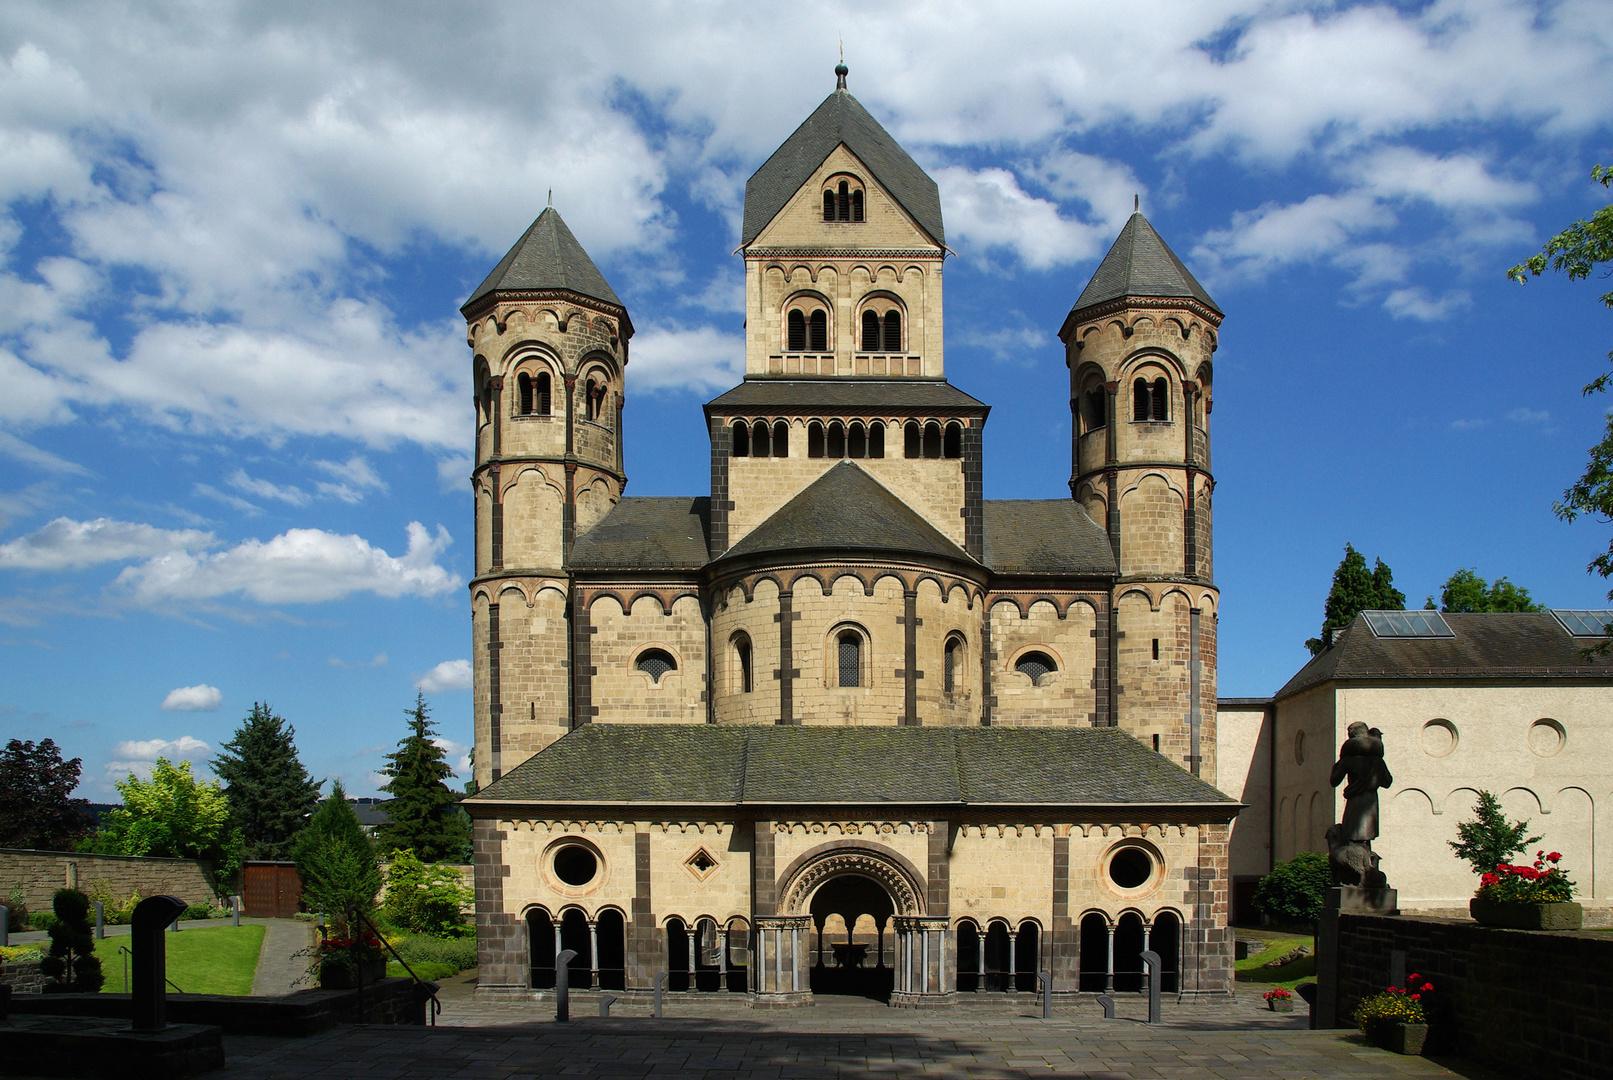 Klosterkirche Maria Laach am Laacher See / E i f e l